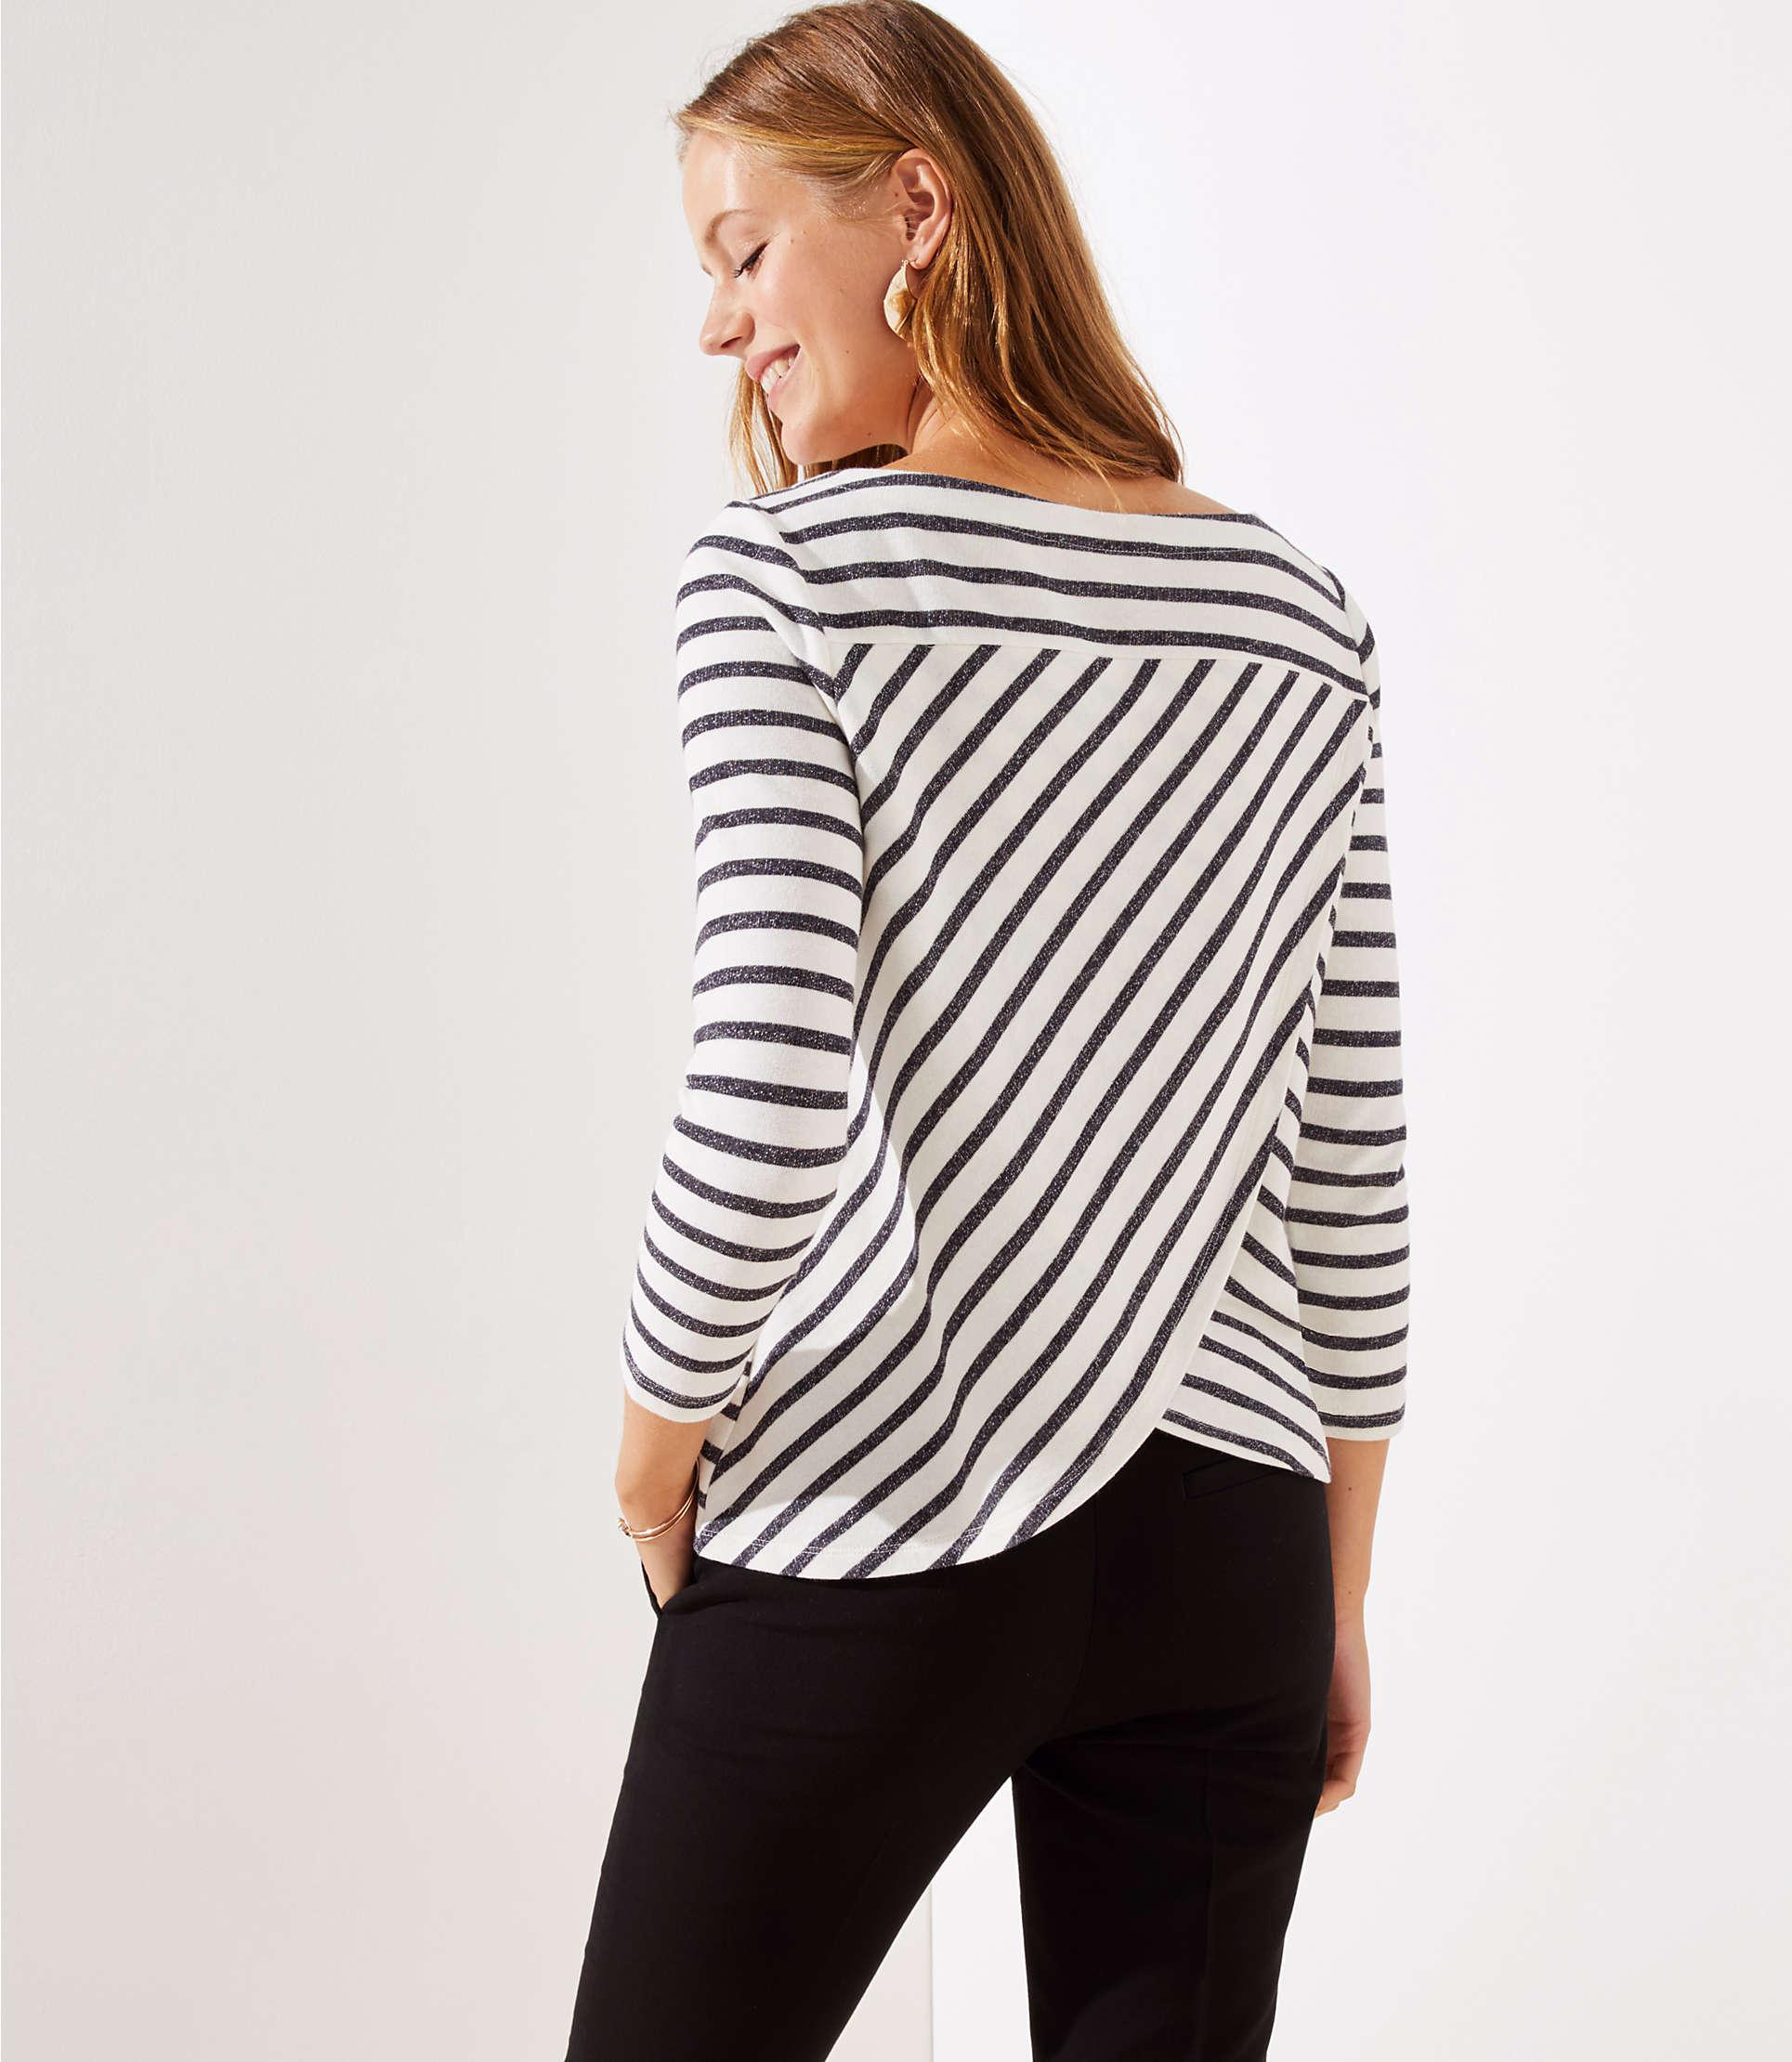 245aaf9da4 LOFT. Women's Striped Tulip Back Sweatshirt